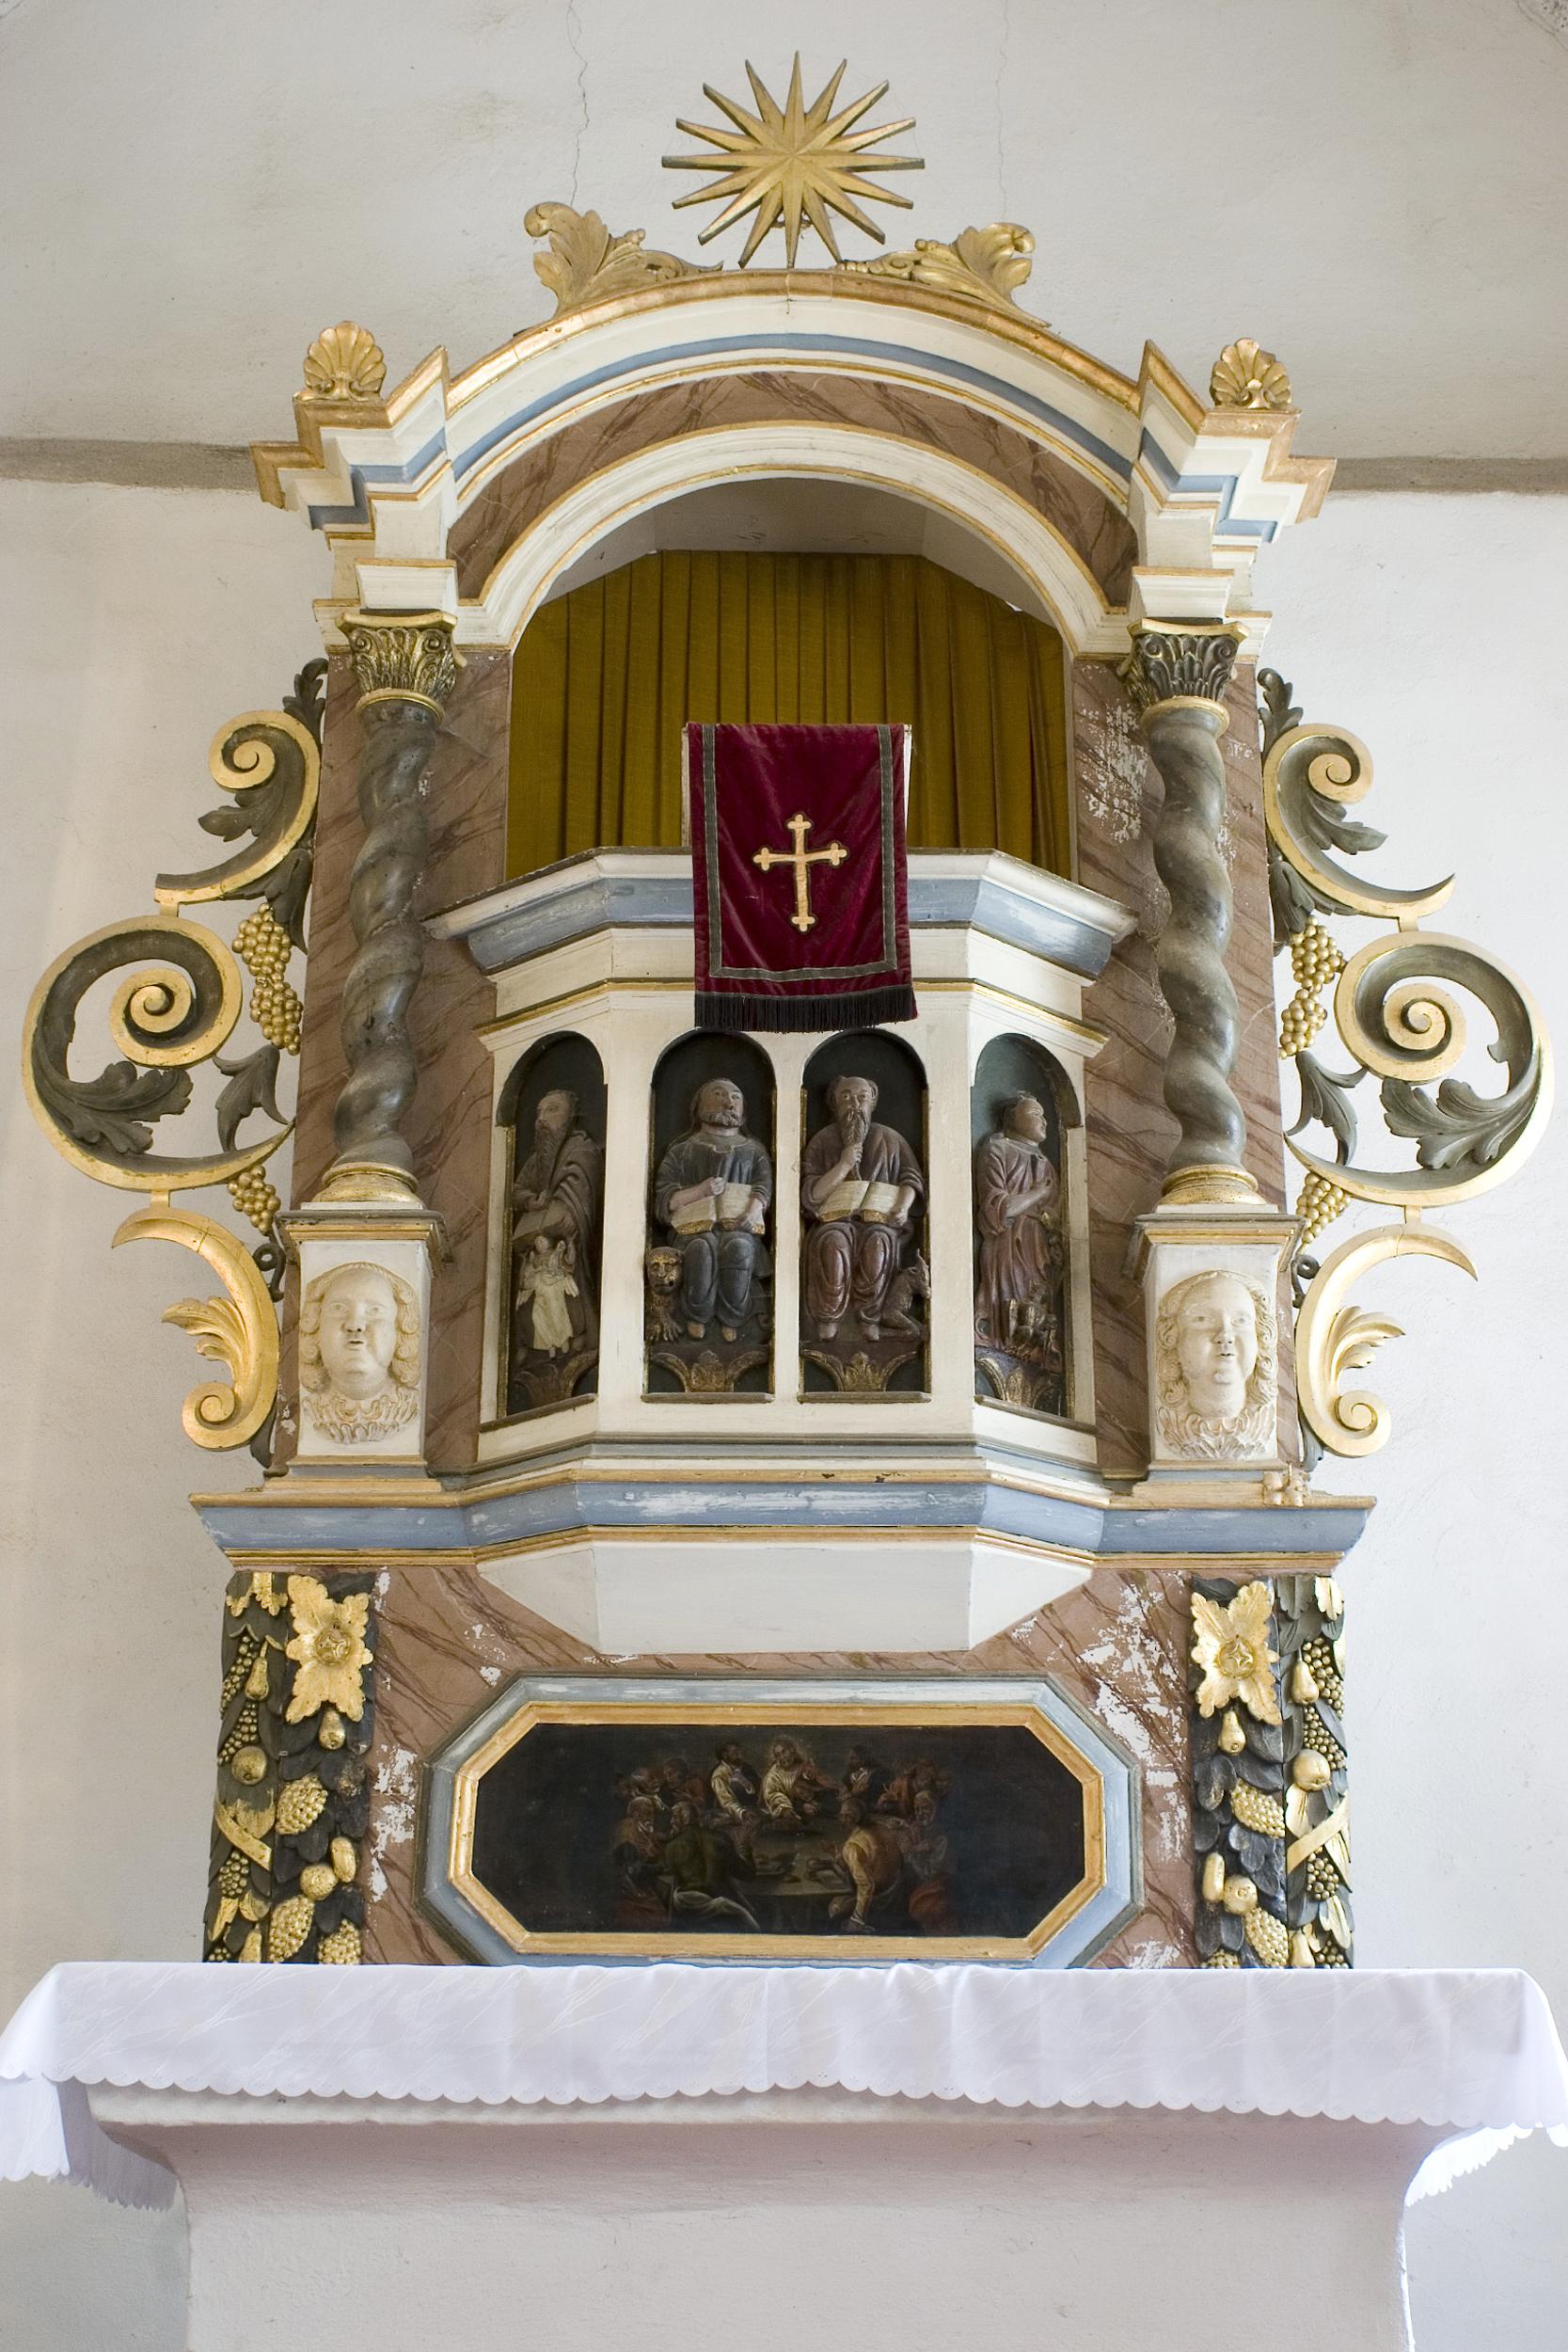 7_Franziska_Frenzel_kirche.jpg